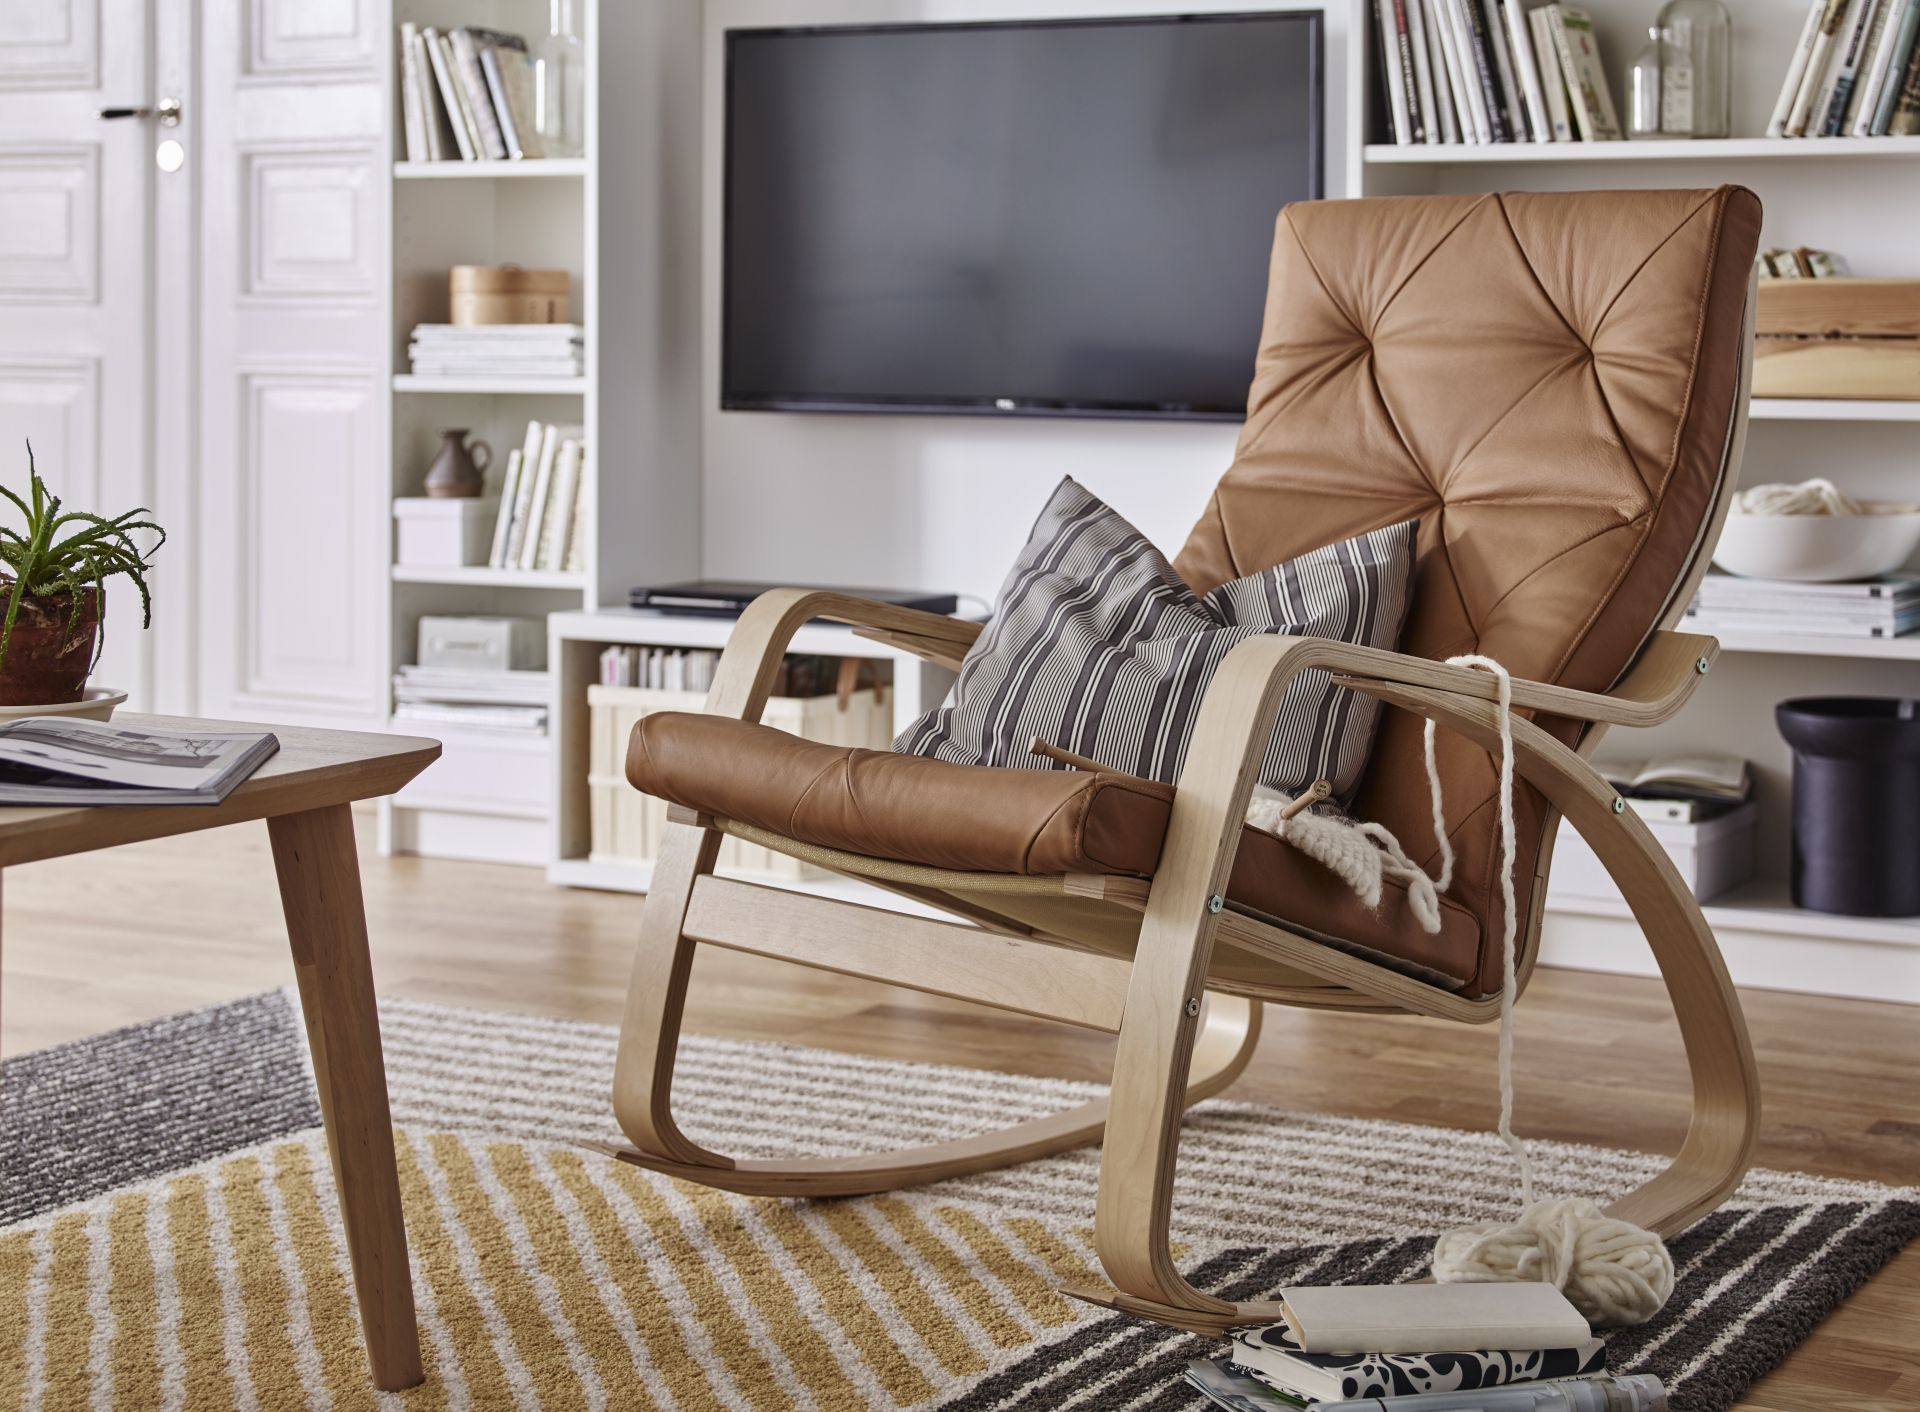 POÄNG Cadeira de baloiço, chapa de faia, Seglora cru ... - Fauteuil Salon Ikea